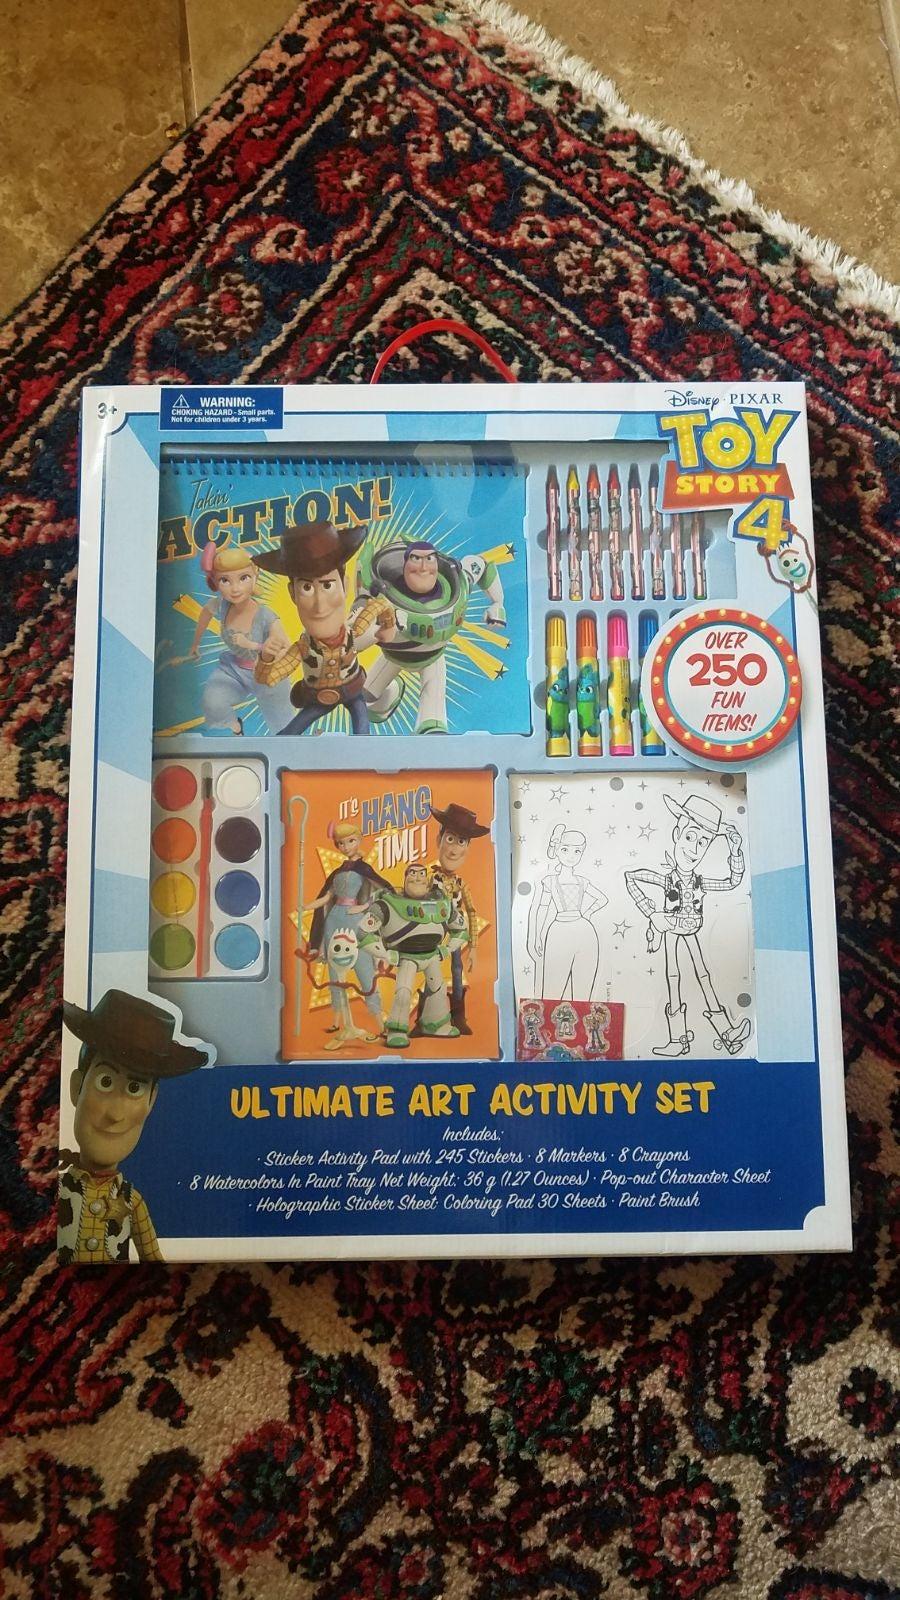 Toy Story Artist Art Activity Set - NEW